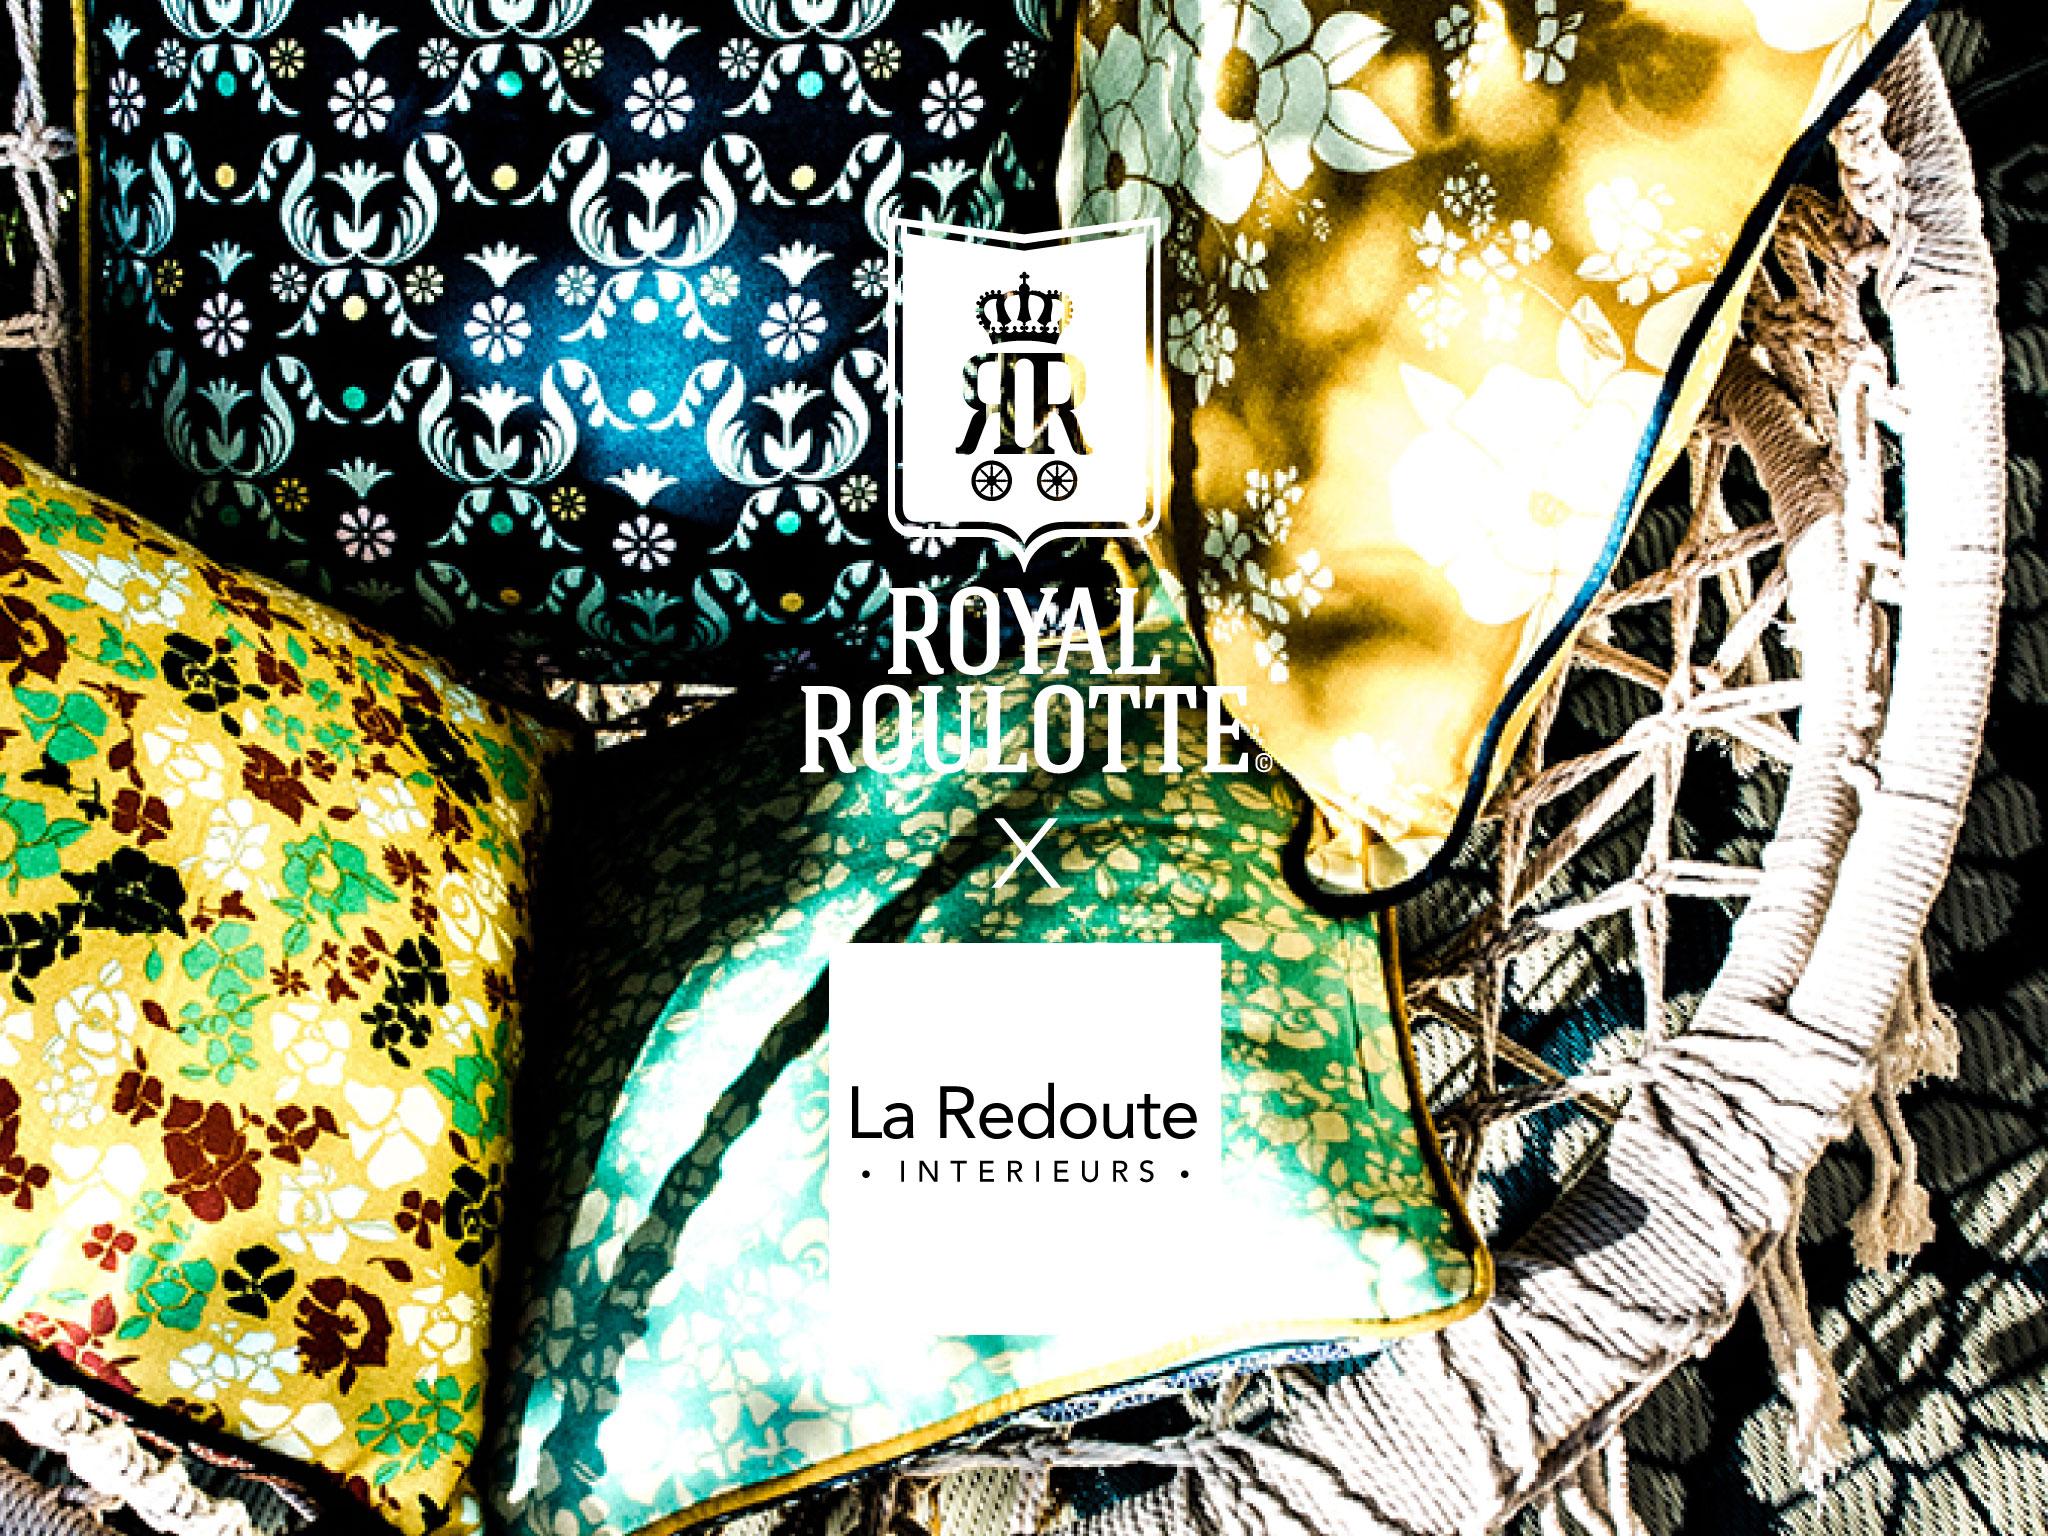 http://royalroulotte.com/wp-content/uploads/2016/06/ROYAL_ROULOTTE_SLIDER_LA_REDOUTE_INTERIEUR_02.jpg